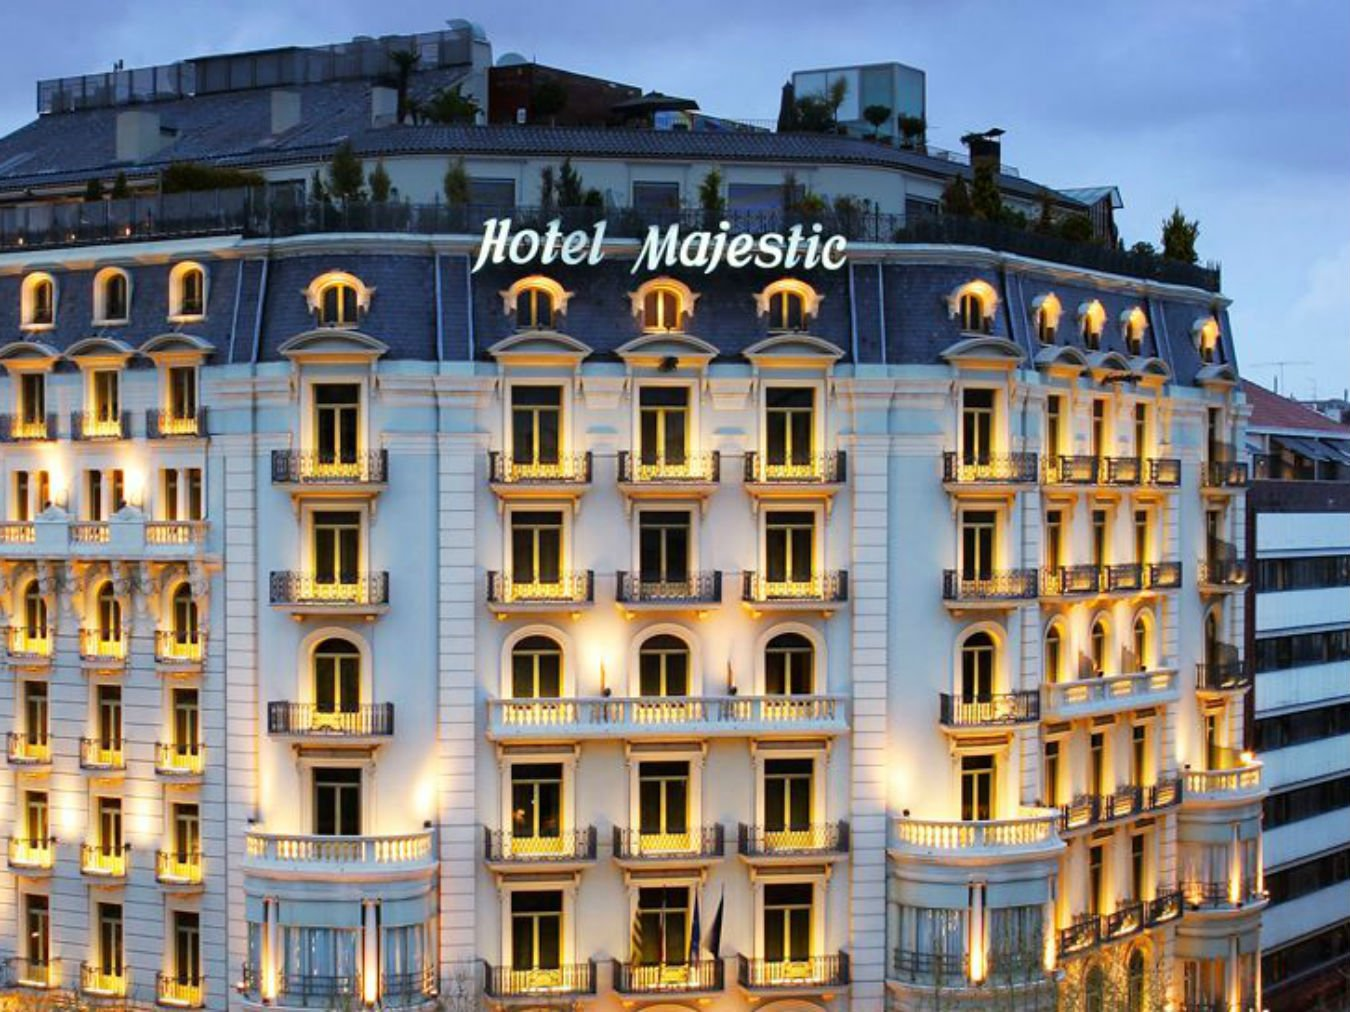 The Majestic Hotel & Spa - MONTECRISTO